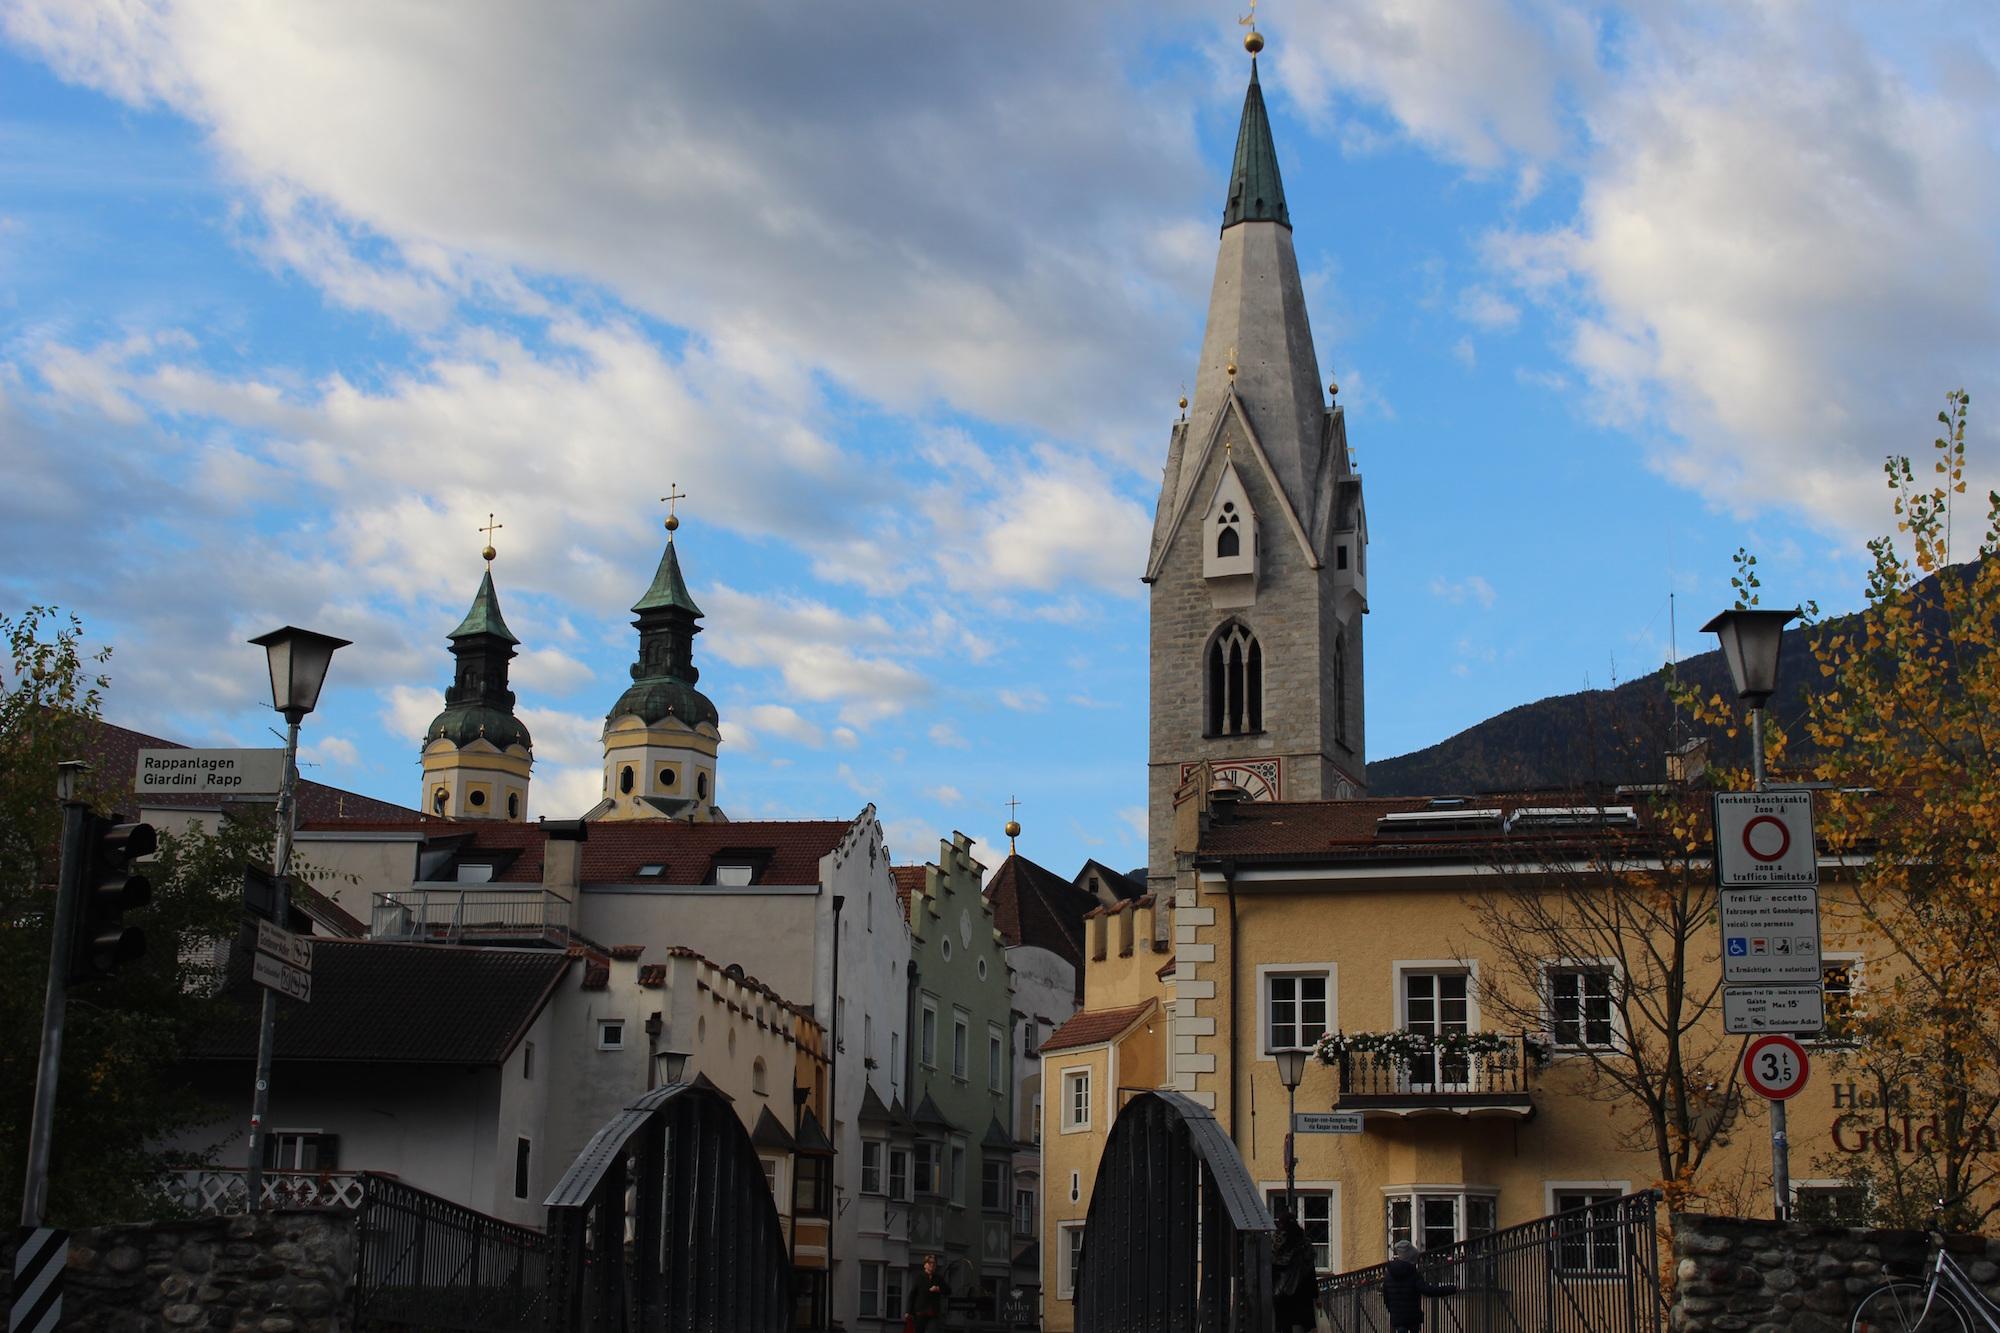 Trentino Alto Adige Artigianato mercatino di natale di bressanone, all'insegna dell